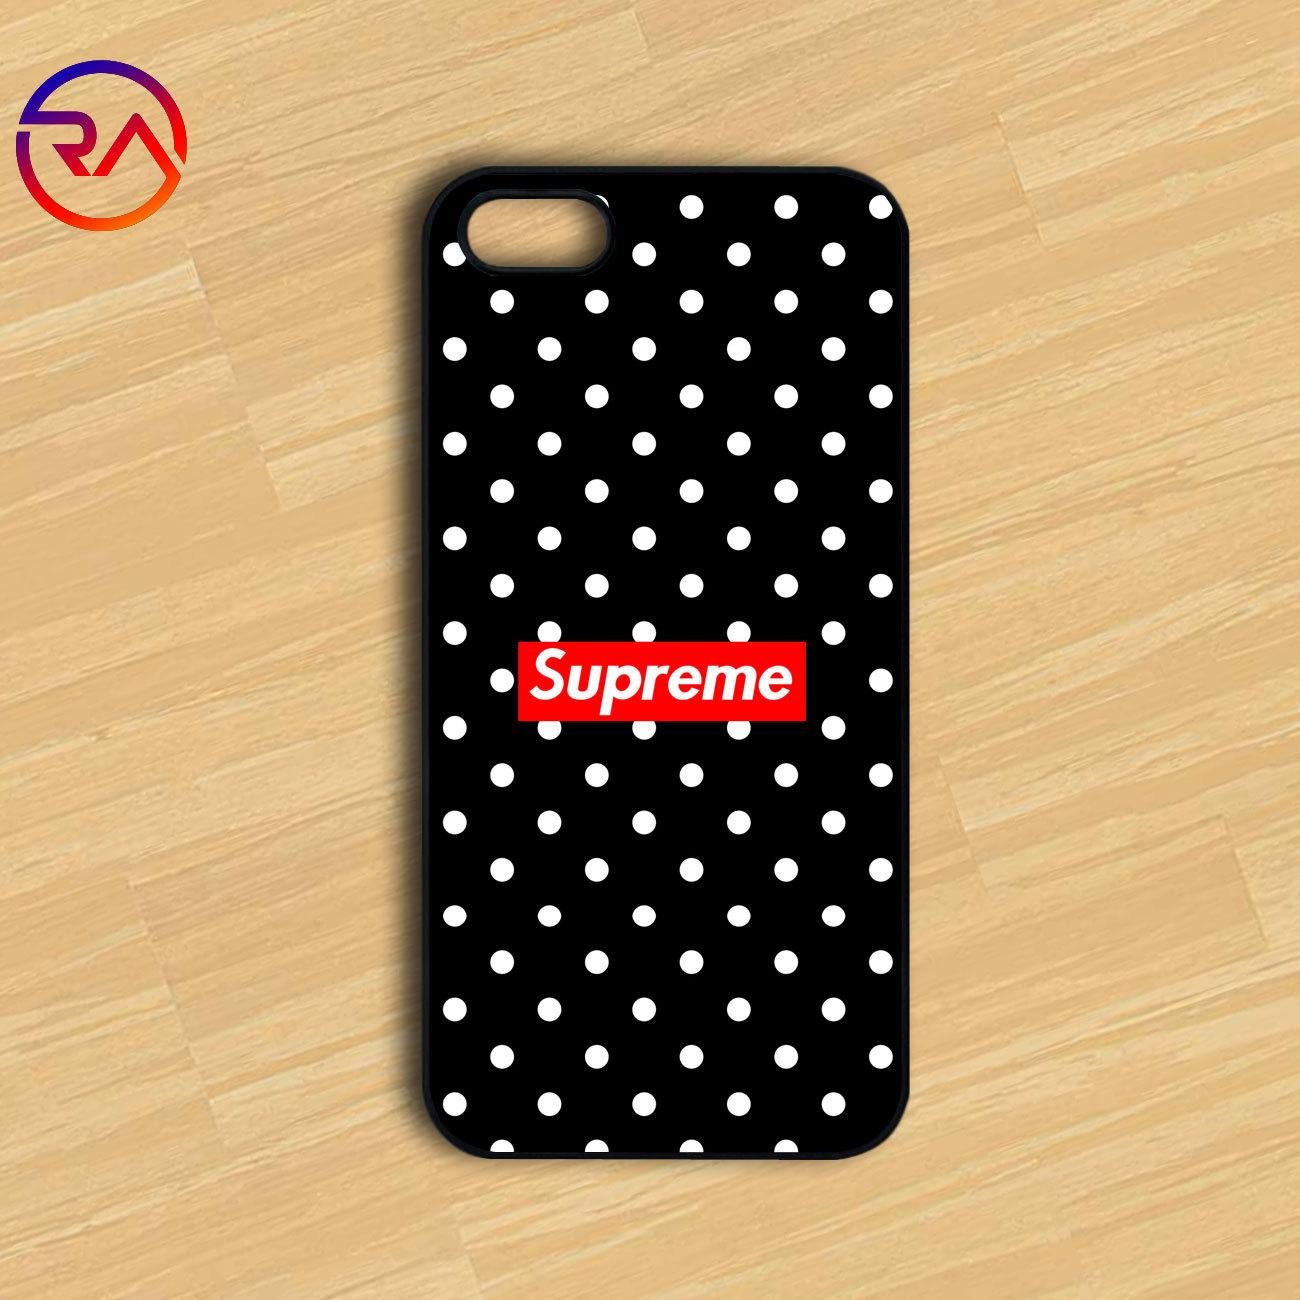 Supreme Iphone Case Authentic